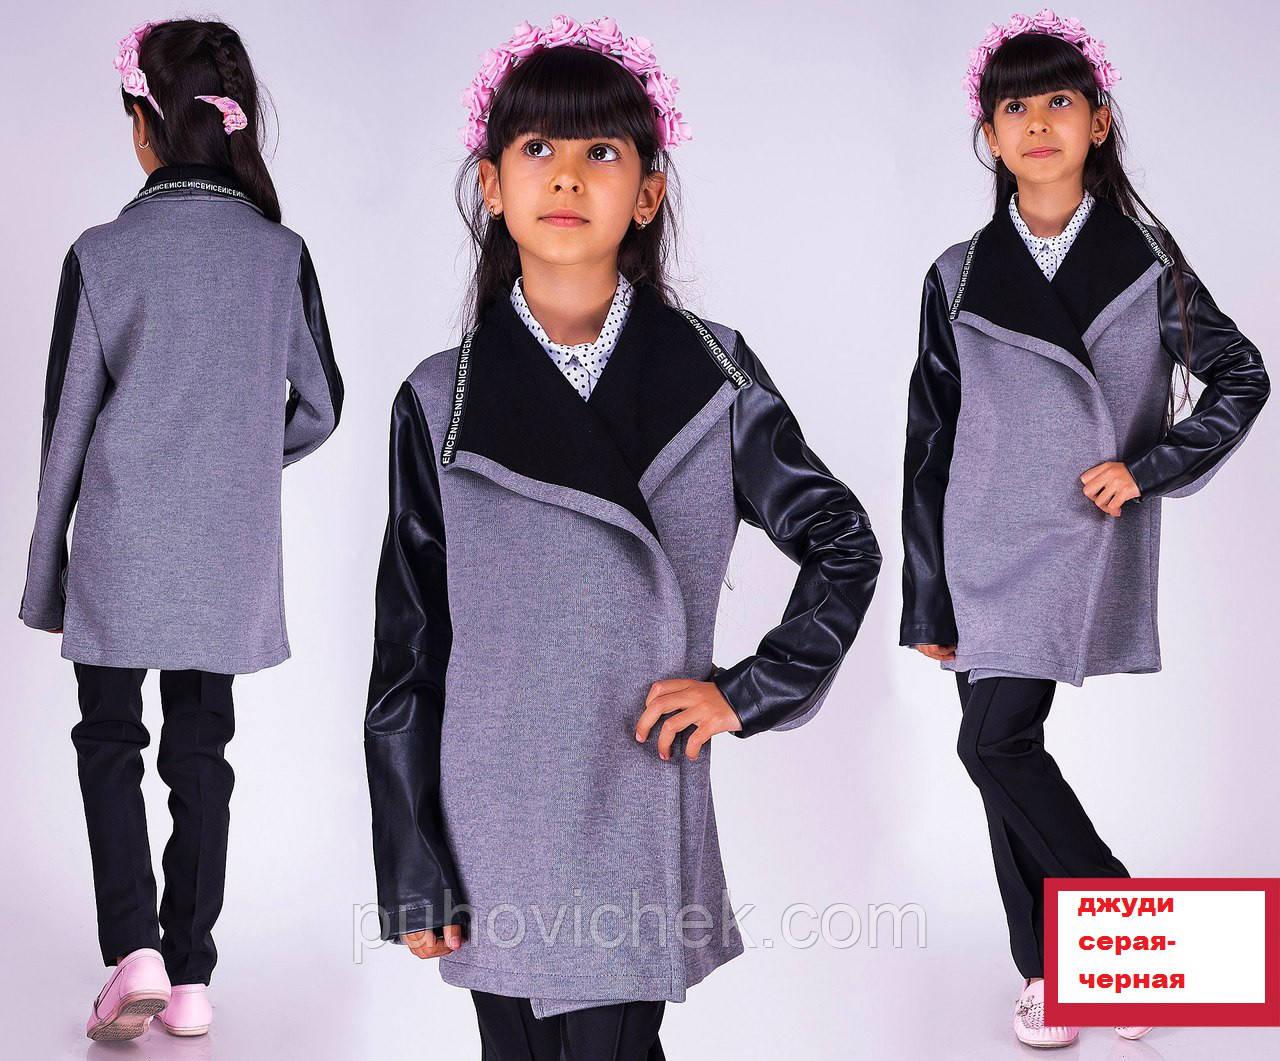 6e247414dac Модные детские кофты для девочек интернет магазин - Интернет магазин Линия  одежды в Харькове